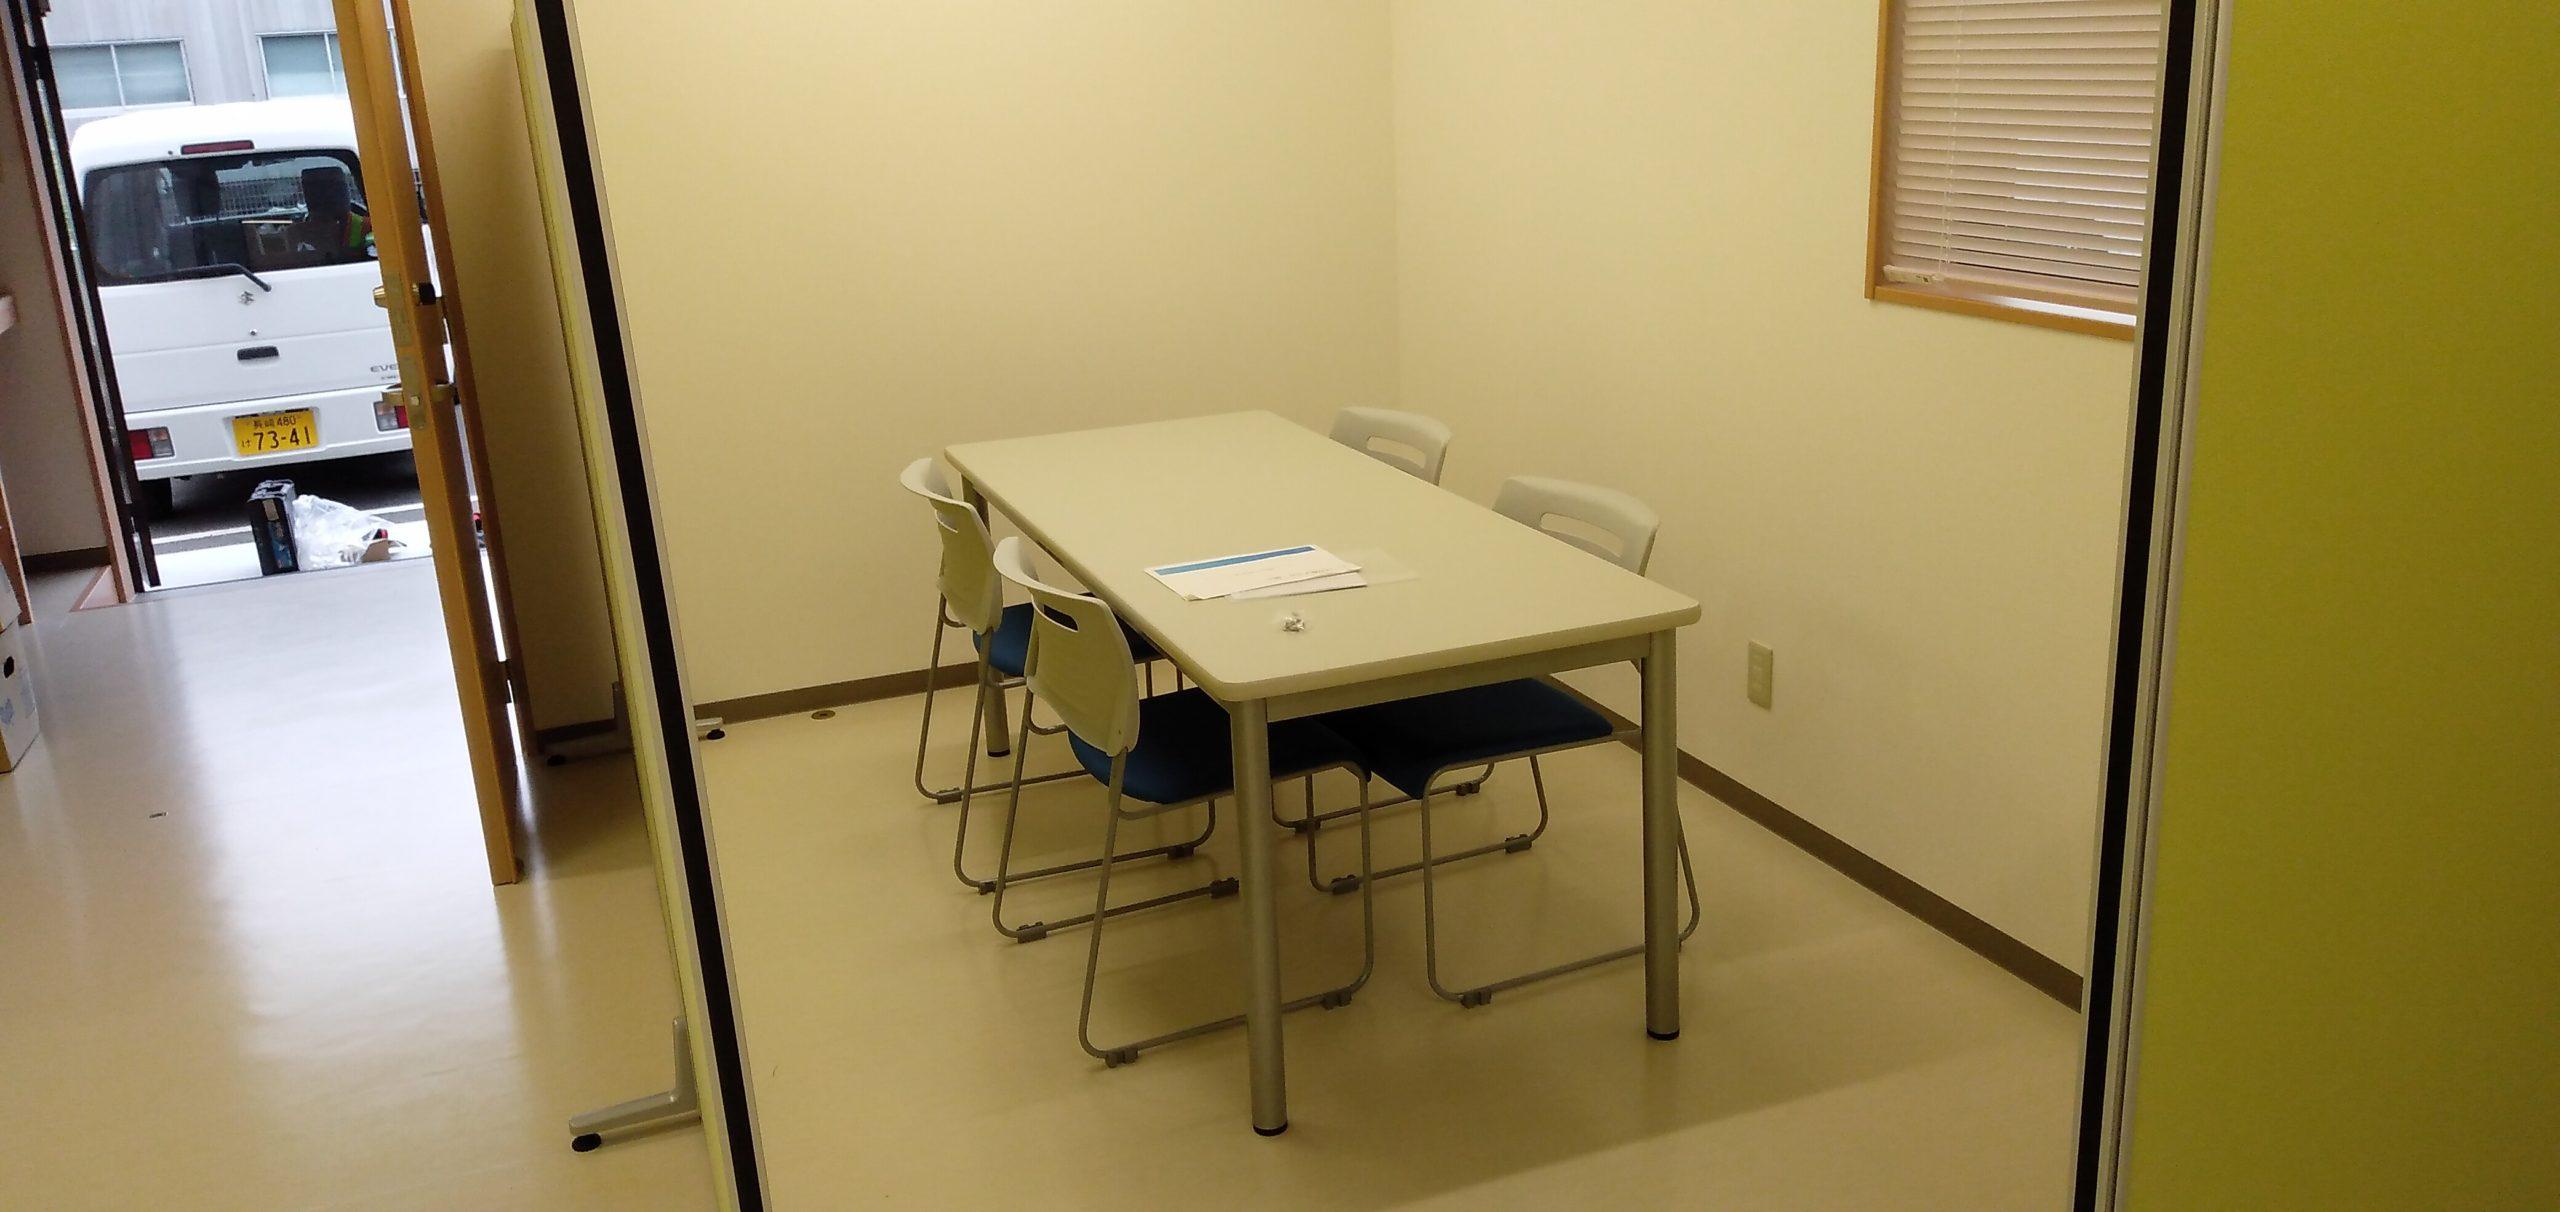 パーテーション パーティション 間仕切り ライムグリーン3連 会議室 会議スペース